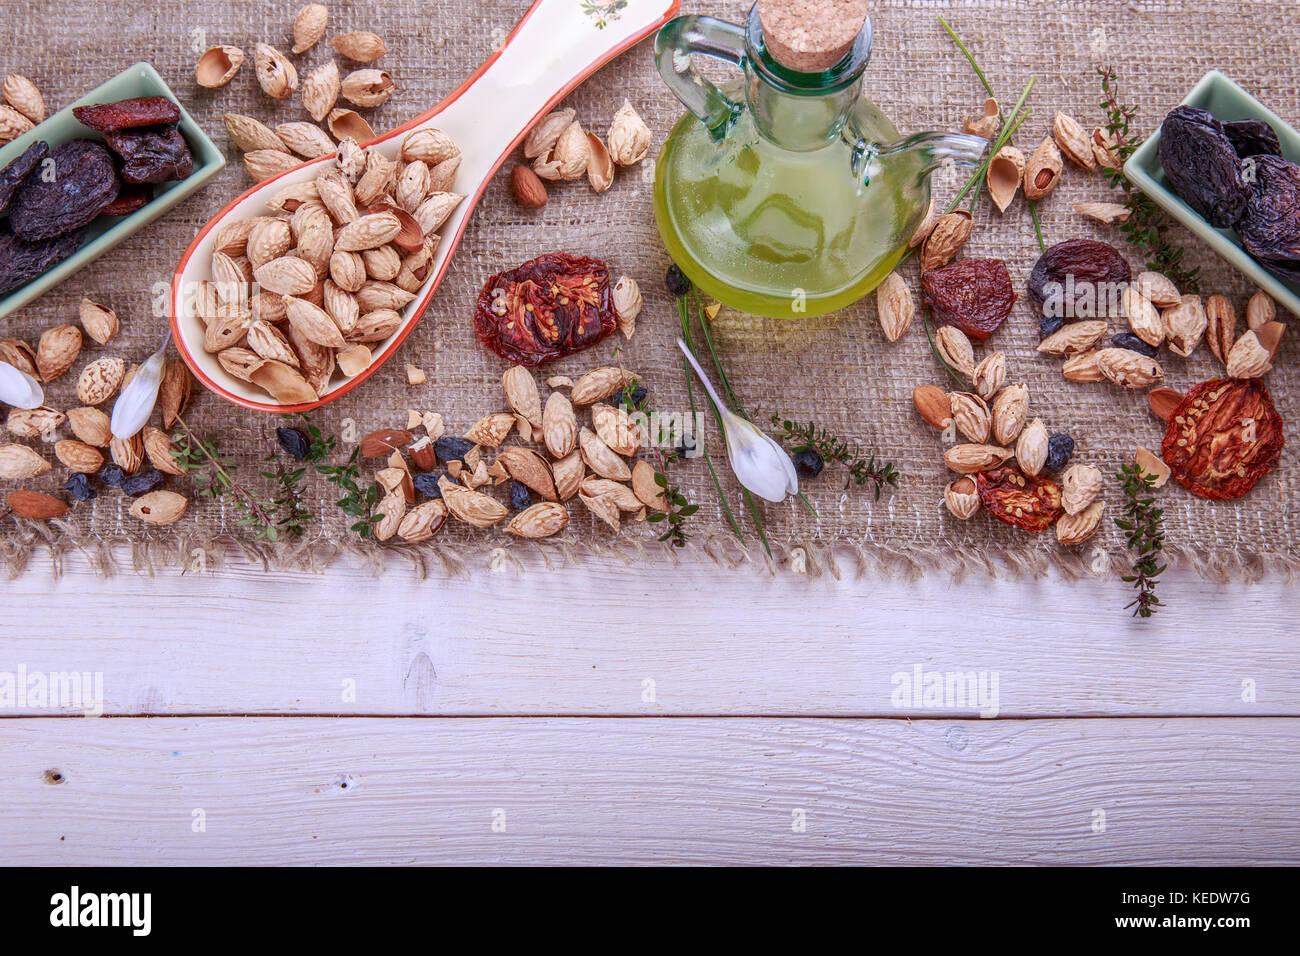 Pflaumen, getrocknete Aprikosen, Rosinen, Mandeln, getrocknete Tomaten - Handgemachte. getrocknete Früchte, Stockbild